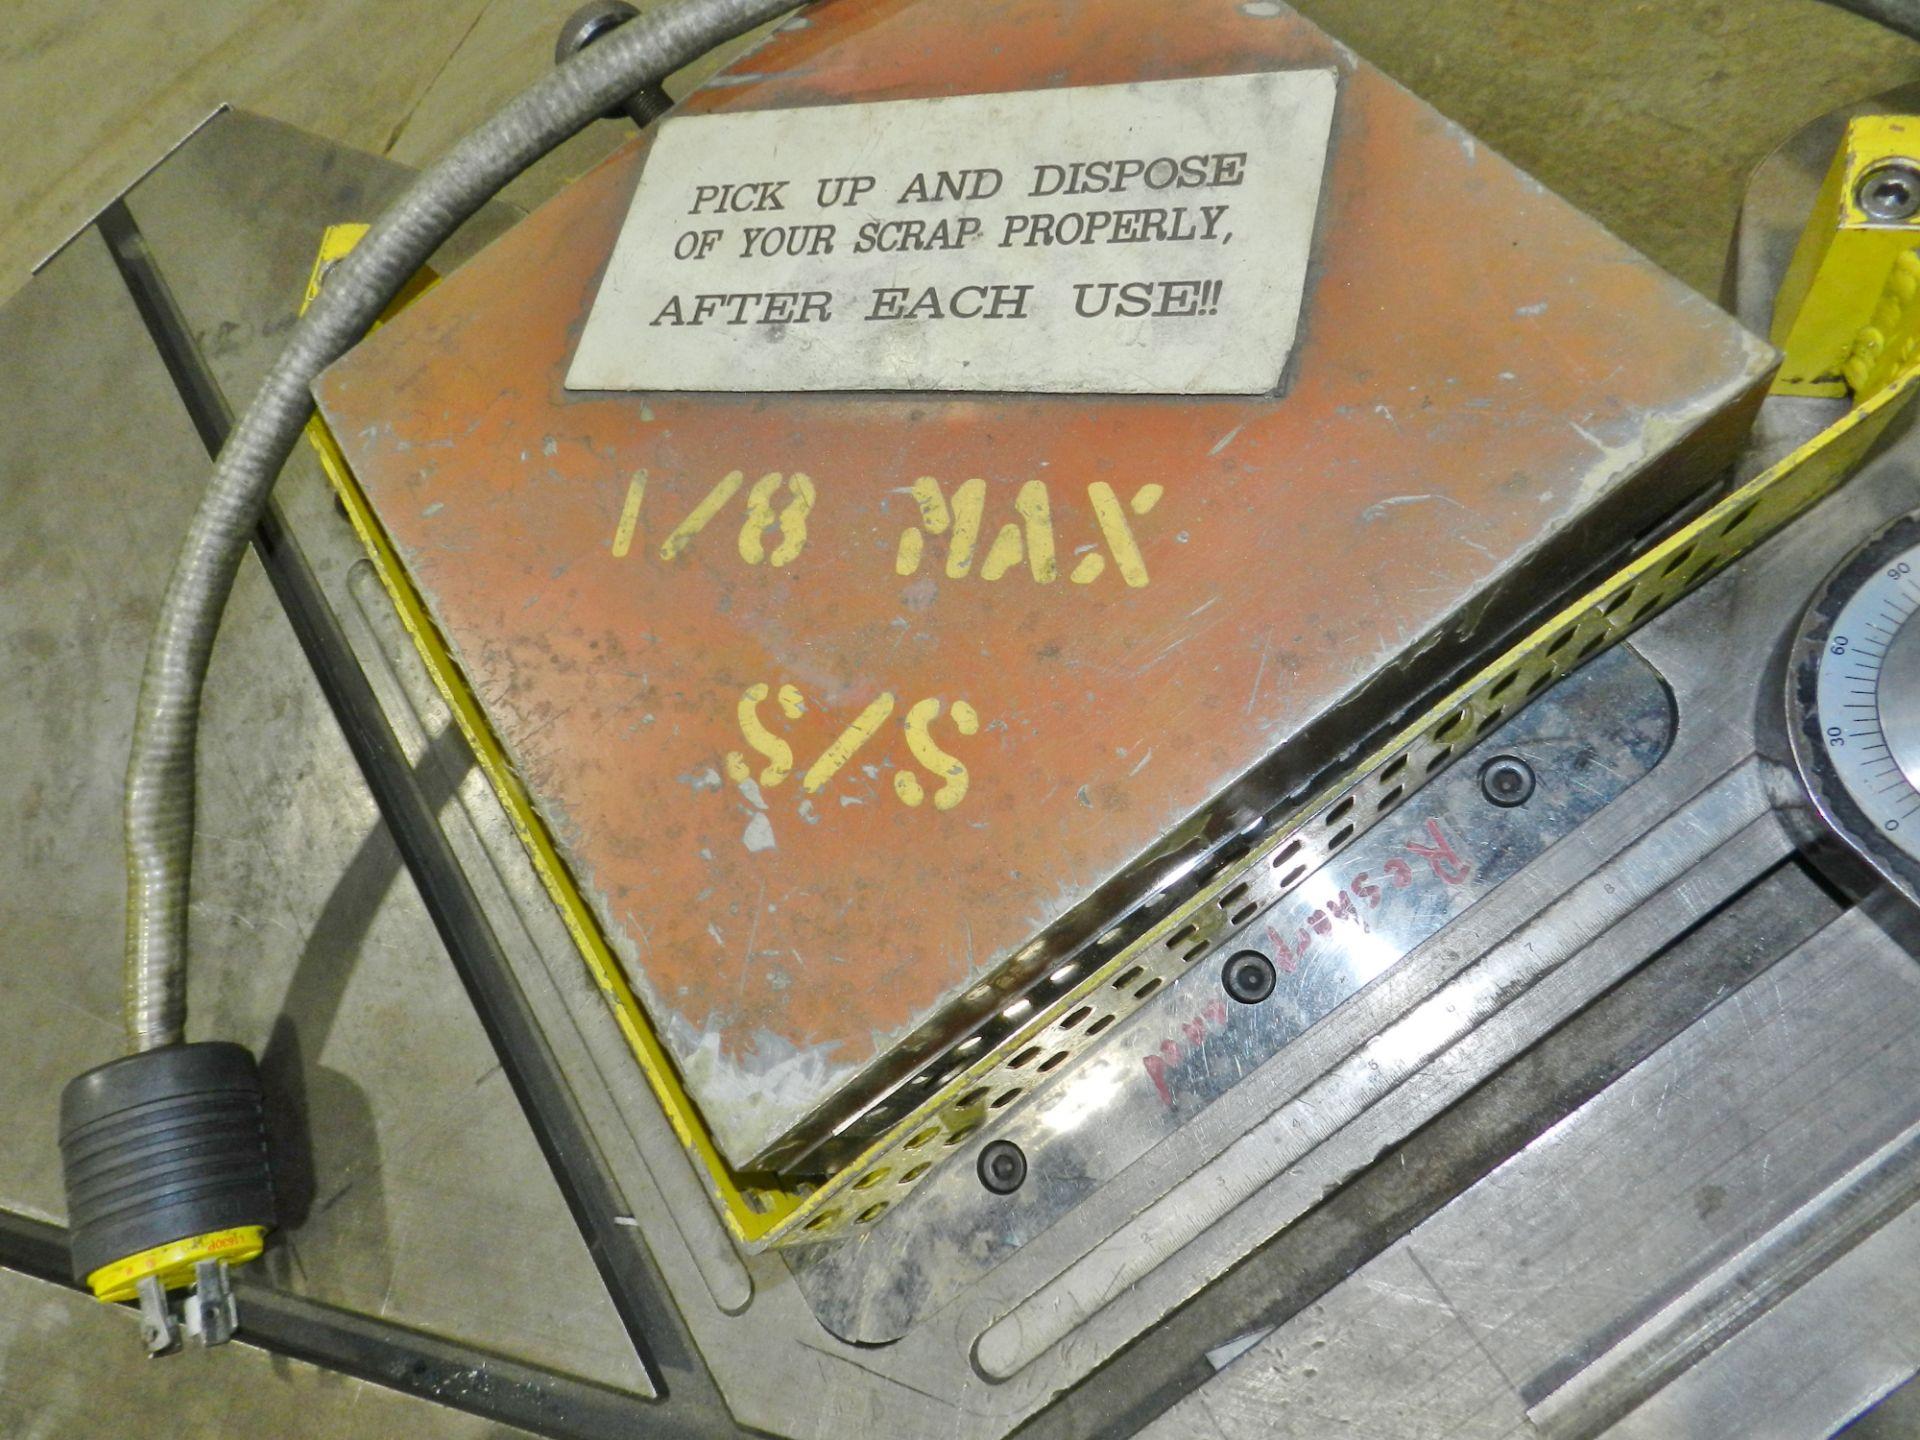 Lot 53 - Pro-Notch 10 x 10 Metal Notcher